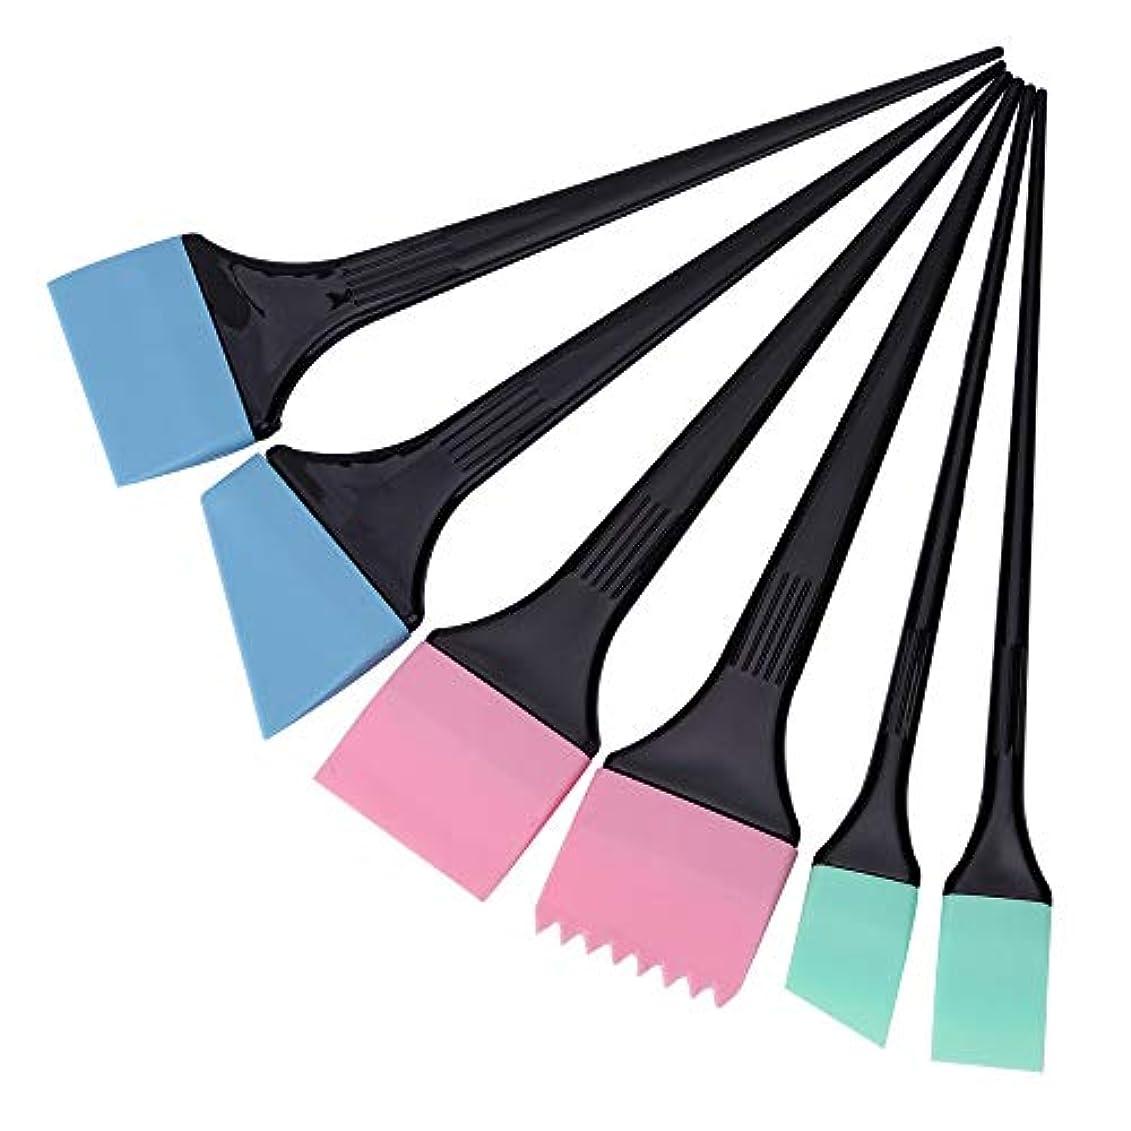 統計的庭園スラムヘアダイコーム&ブラシ 毛染めブラシ 6本/セット 着色櫛キット プロサロン 理髪スタイリングツール へアカラーセット グリーン